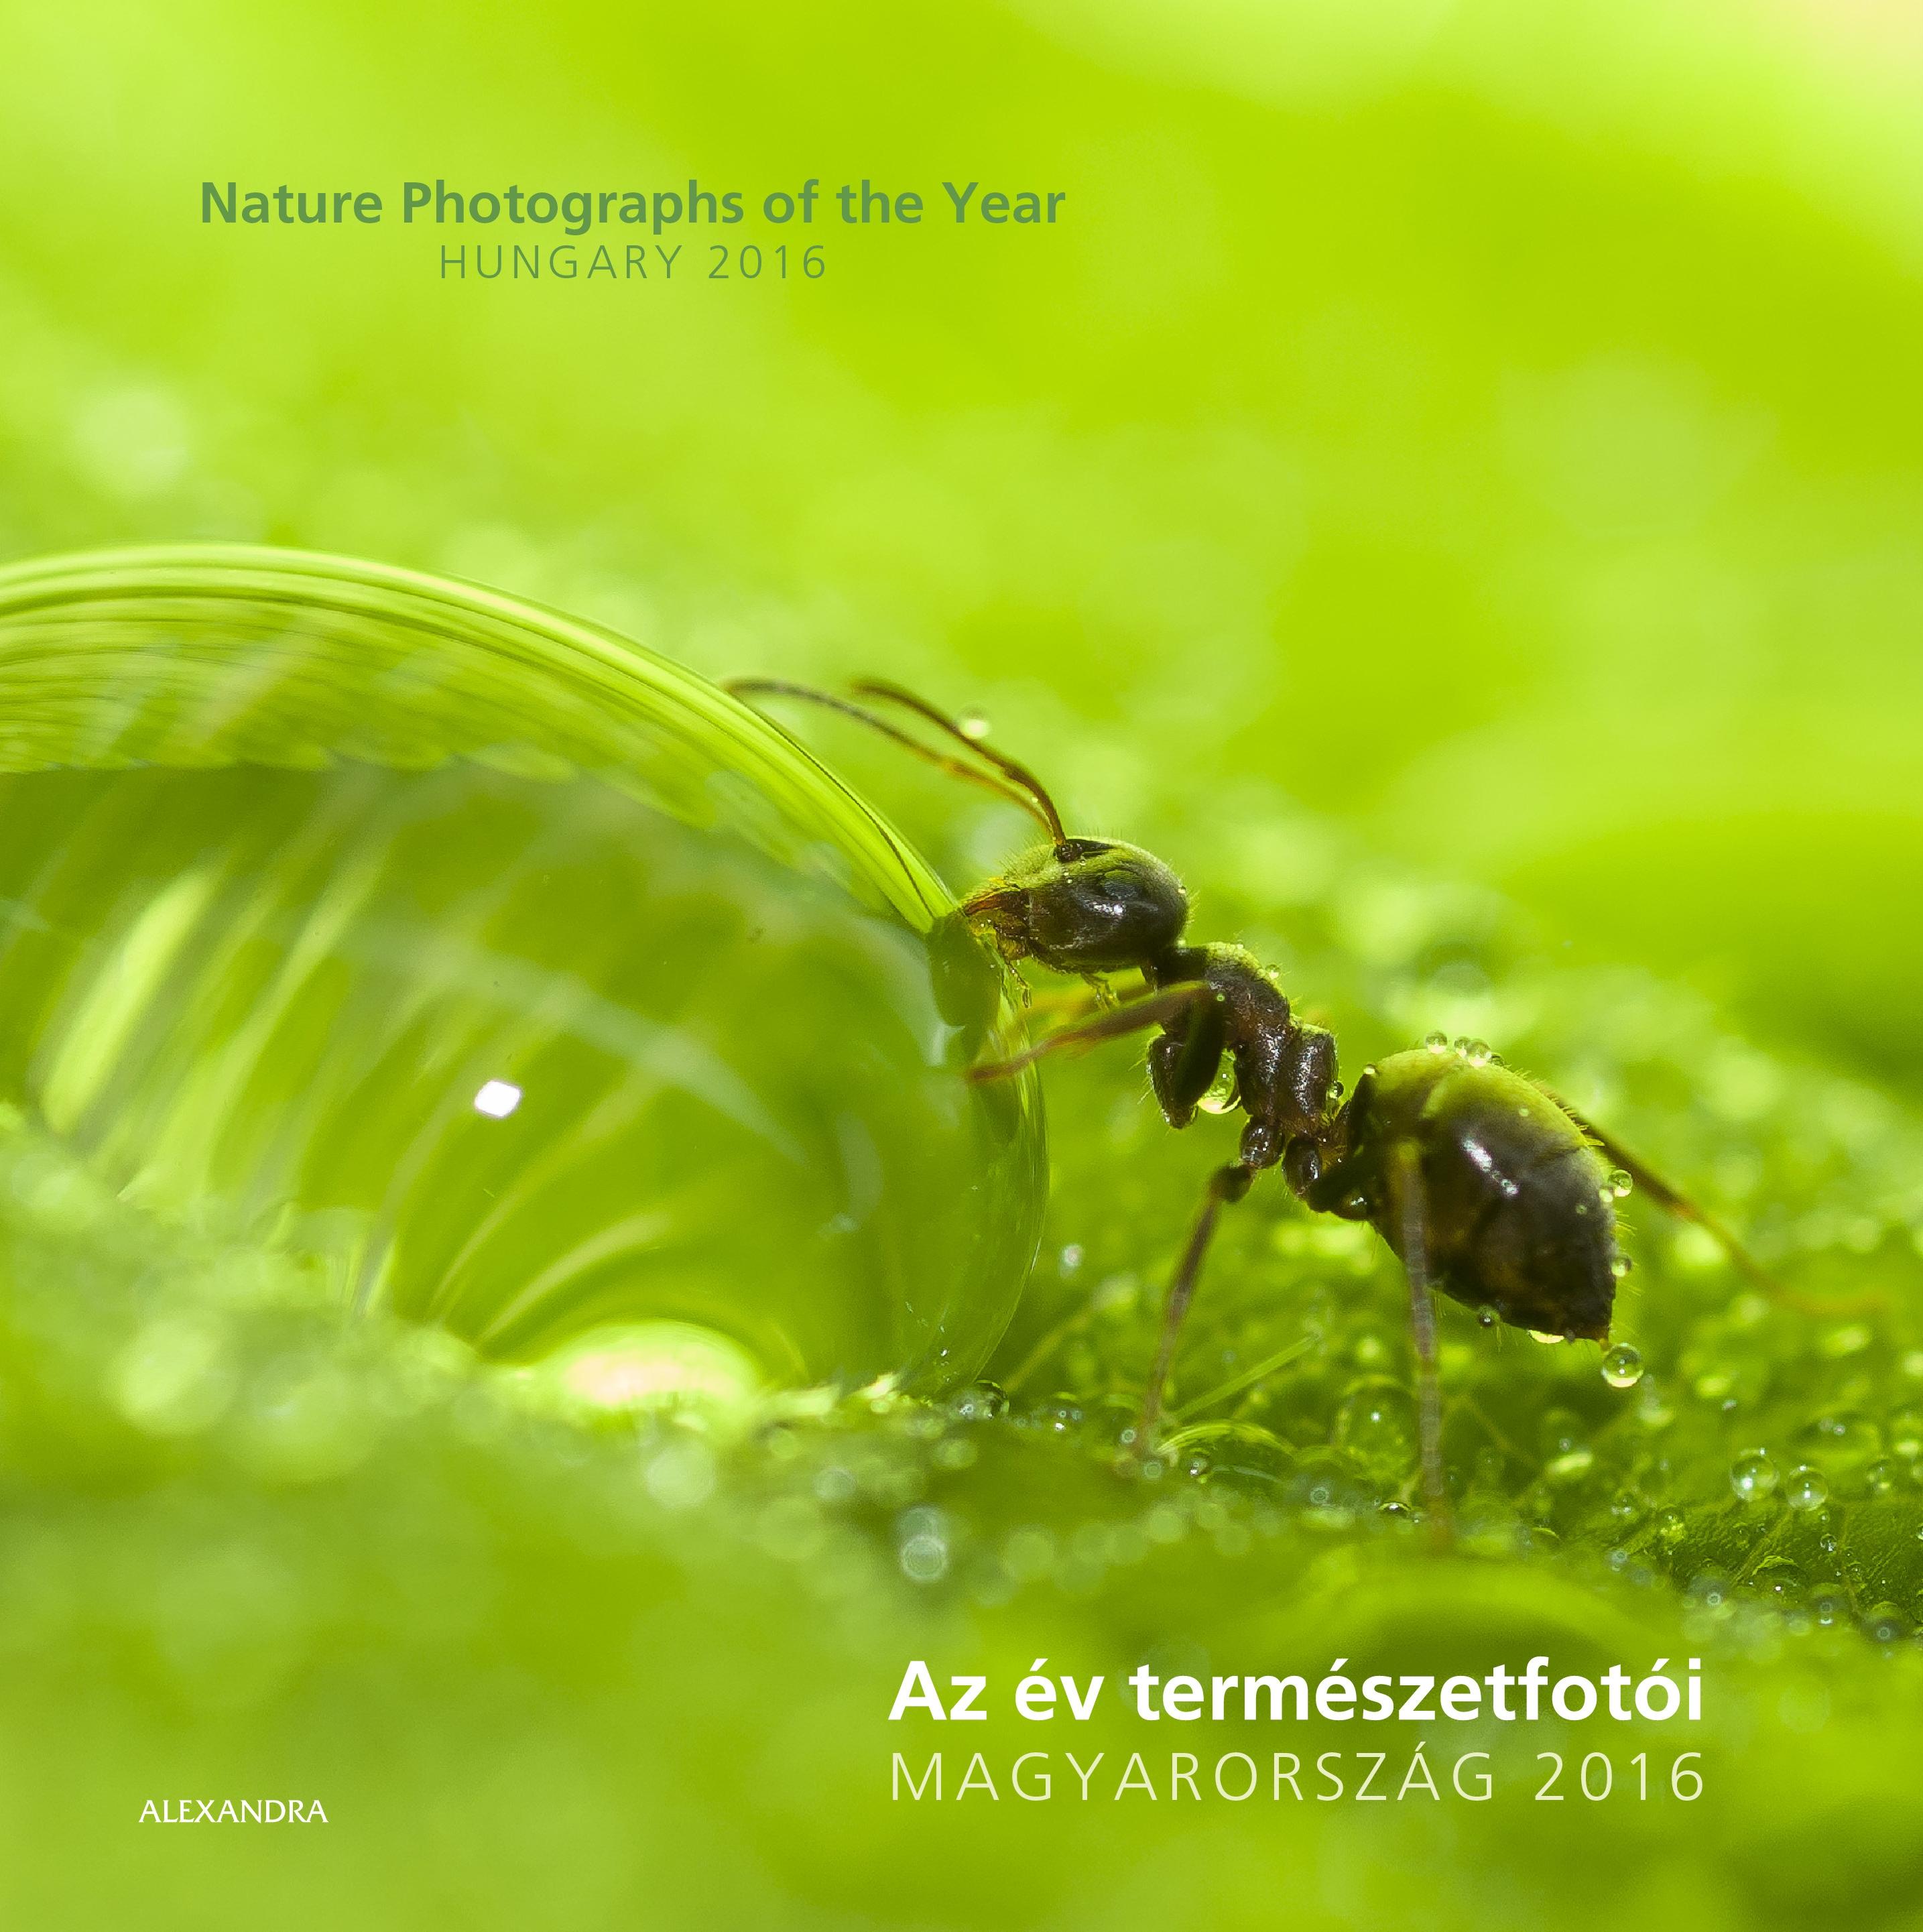 Idén is: Az év terémszetfotósa 2016.